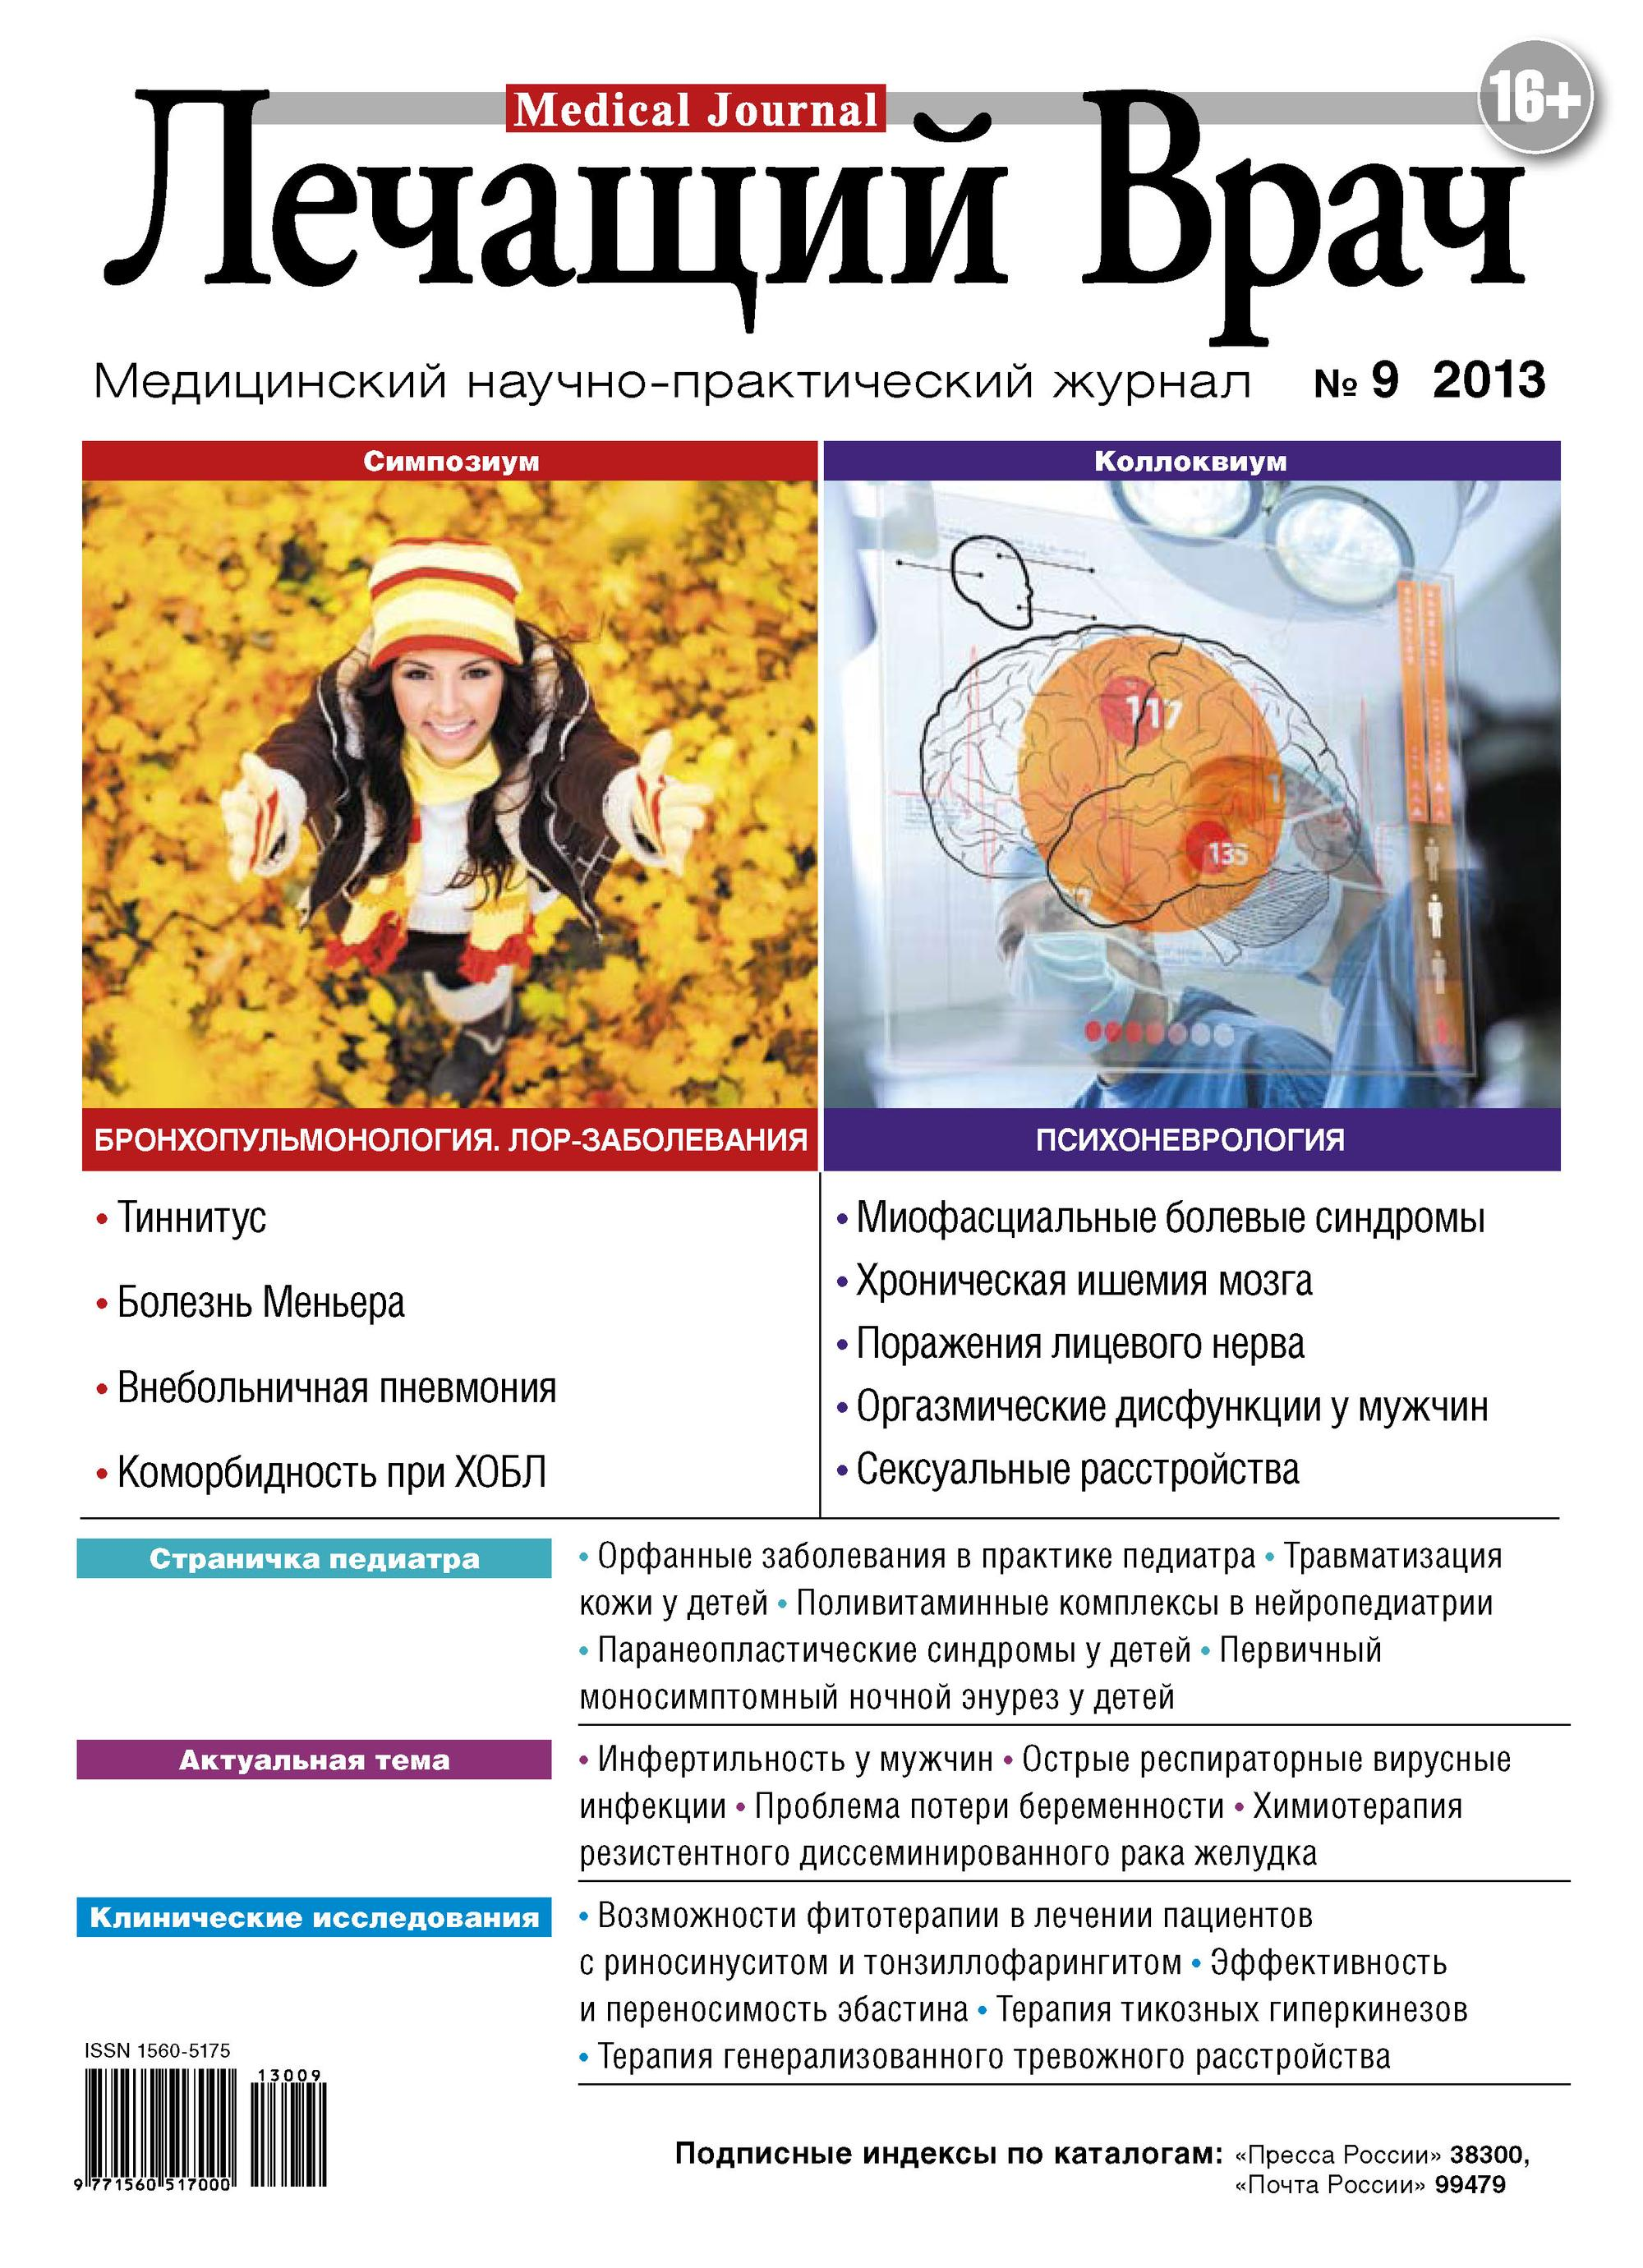 Открытые системы Журнал «Лечащий Врач» №09/2013 открытые системы журнал лечащий врач 02 2013